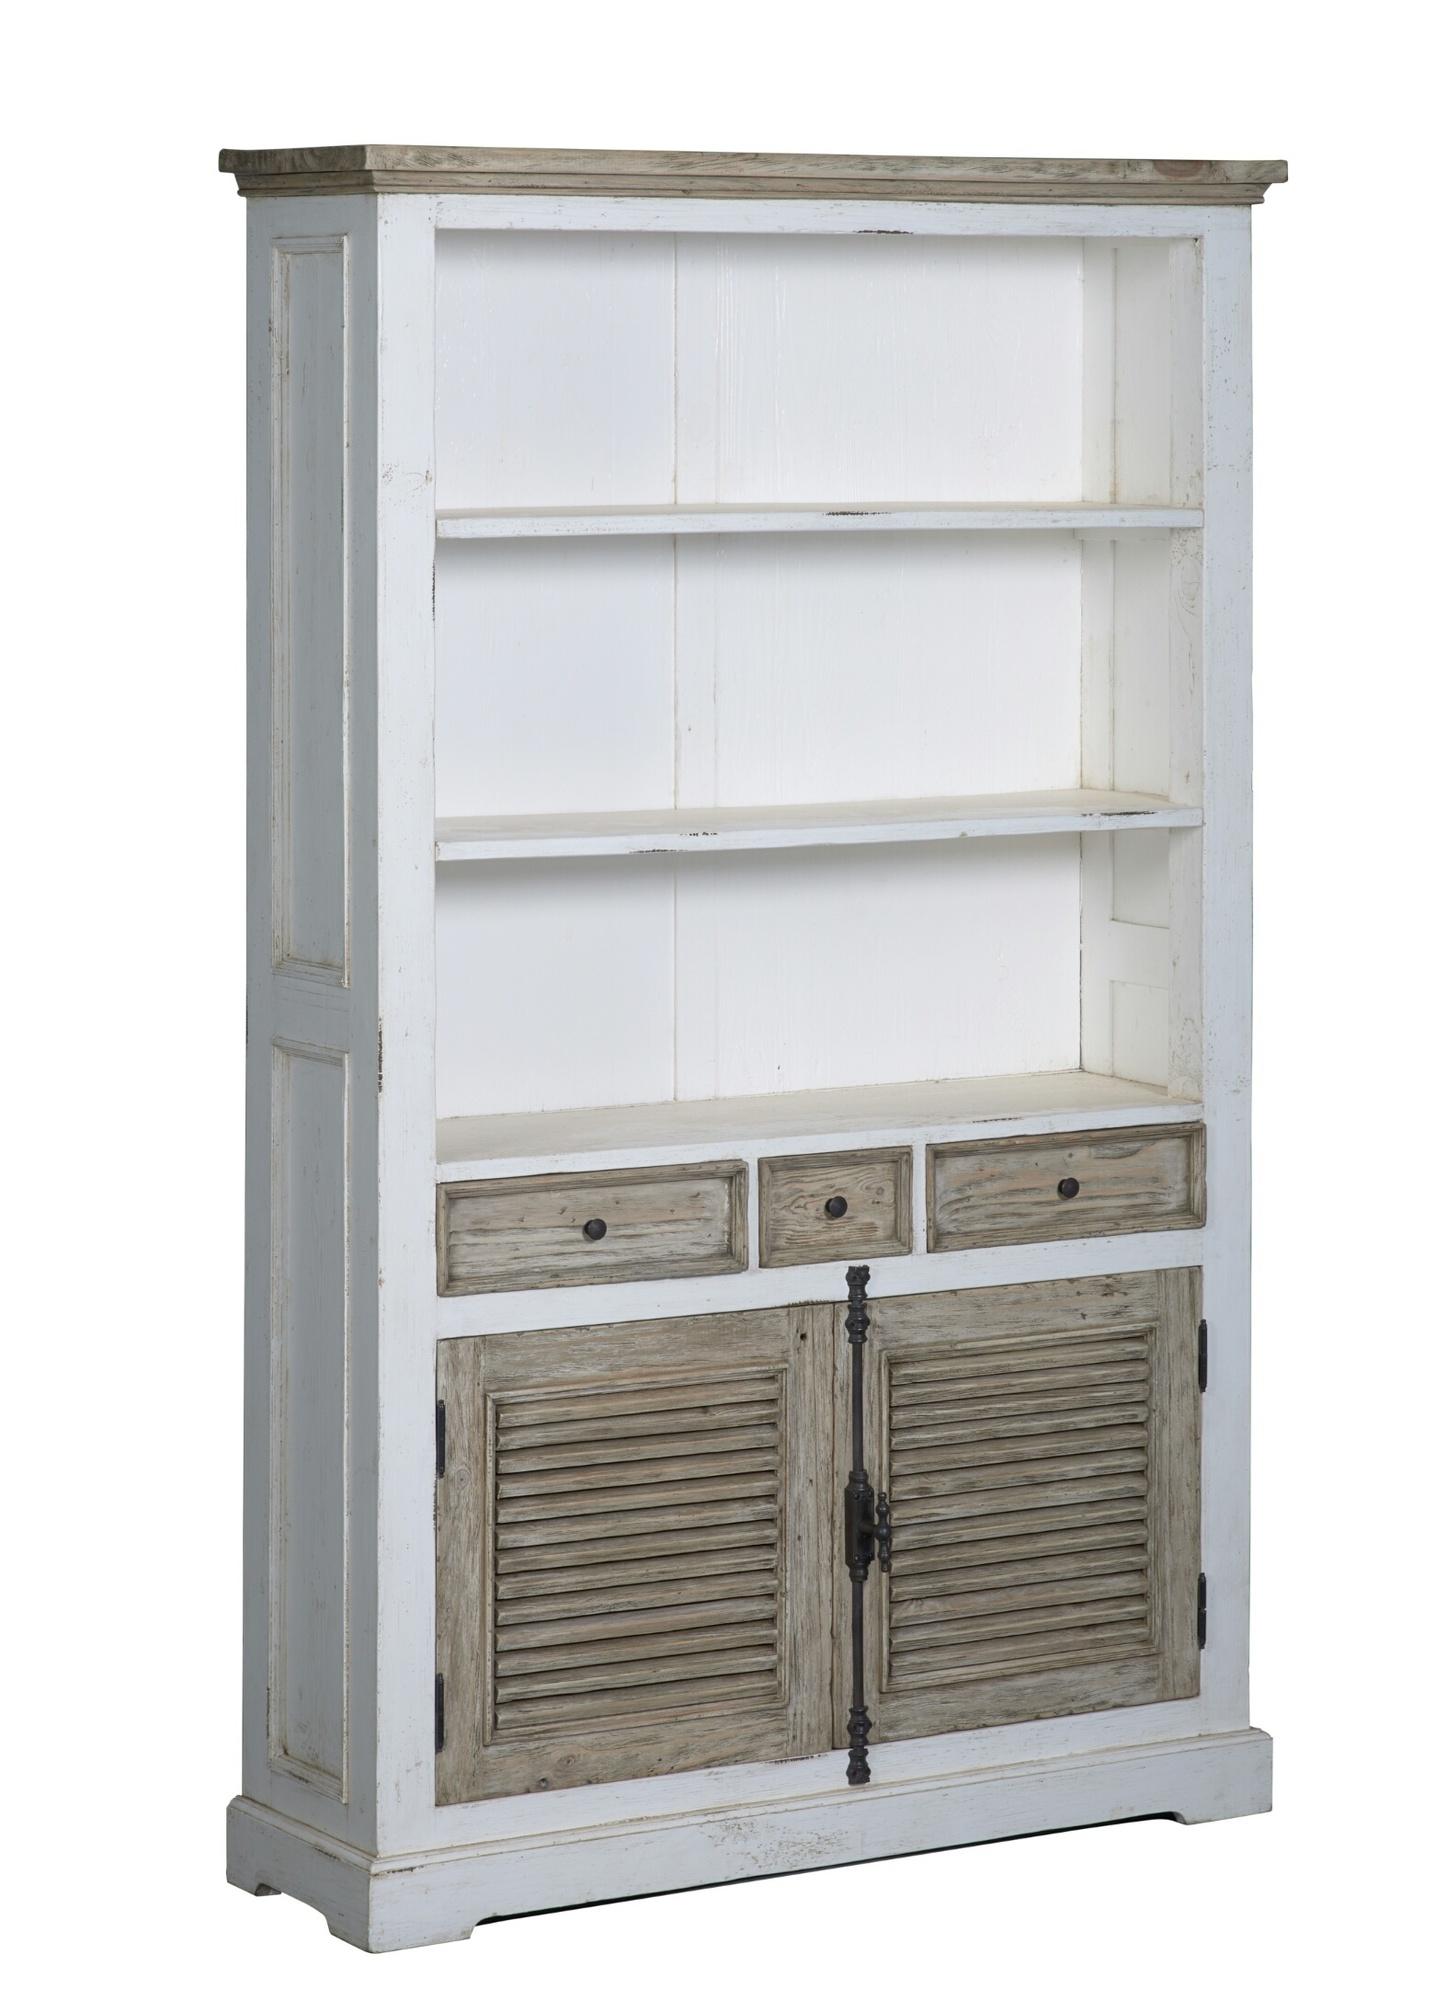 kast-boekenkast-amanda-towerliving-TD 0014-oudwit-vergrijsd grenen-120cm-2 deuren-3 vakken